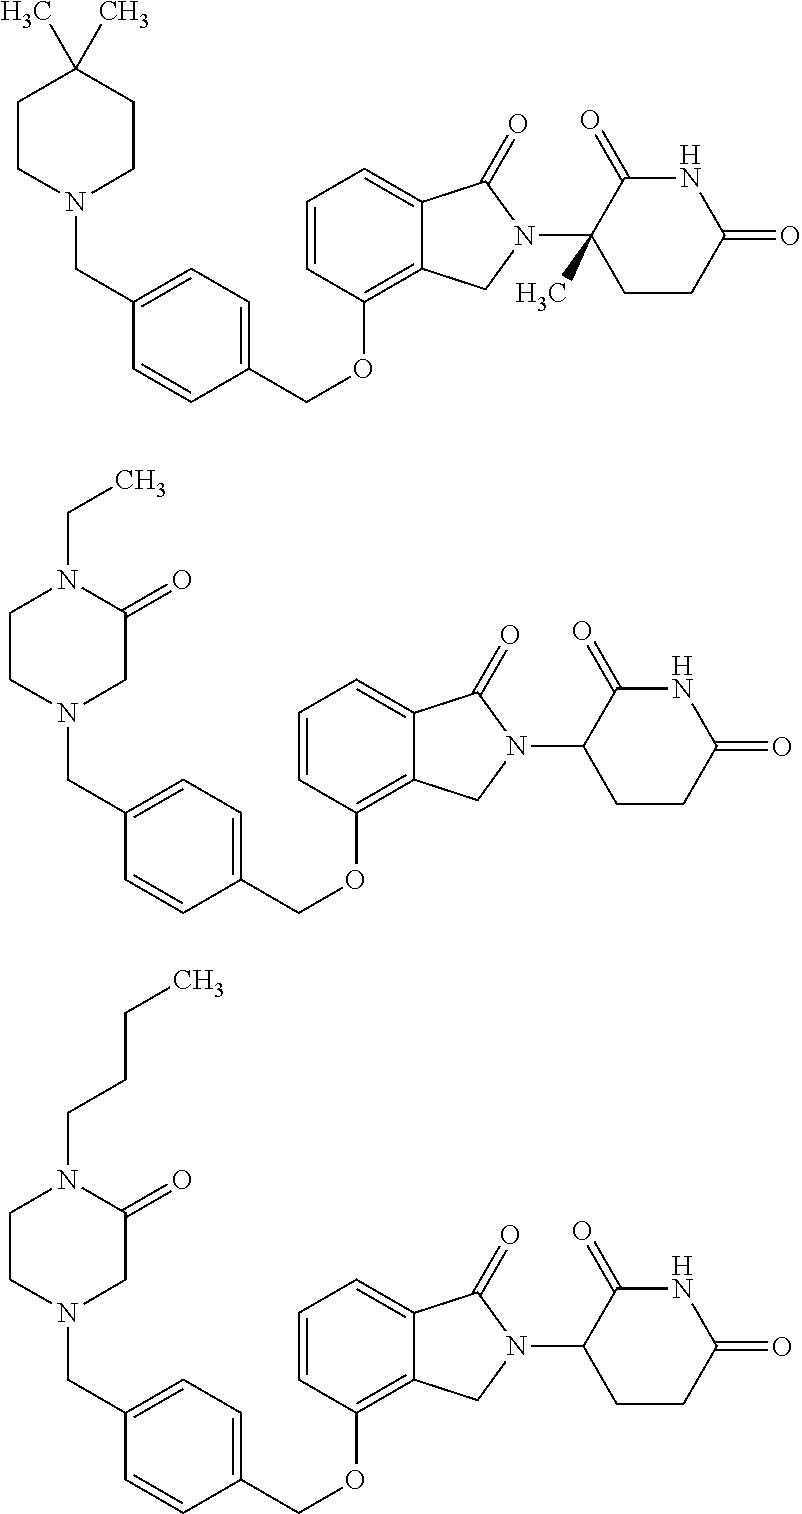 Figure US20110196150A1-20110811-C00055